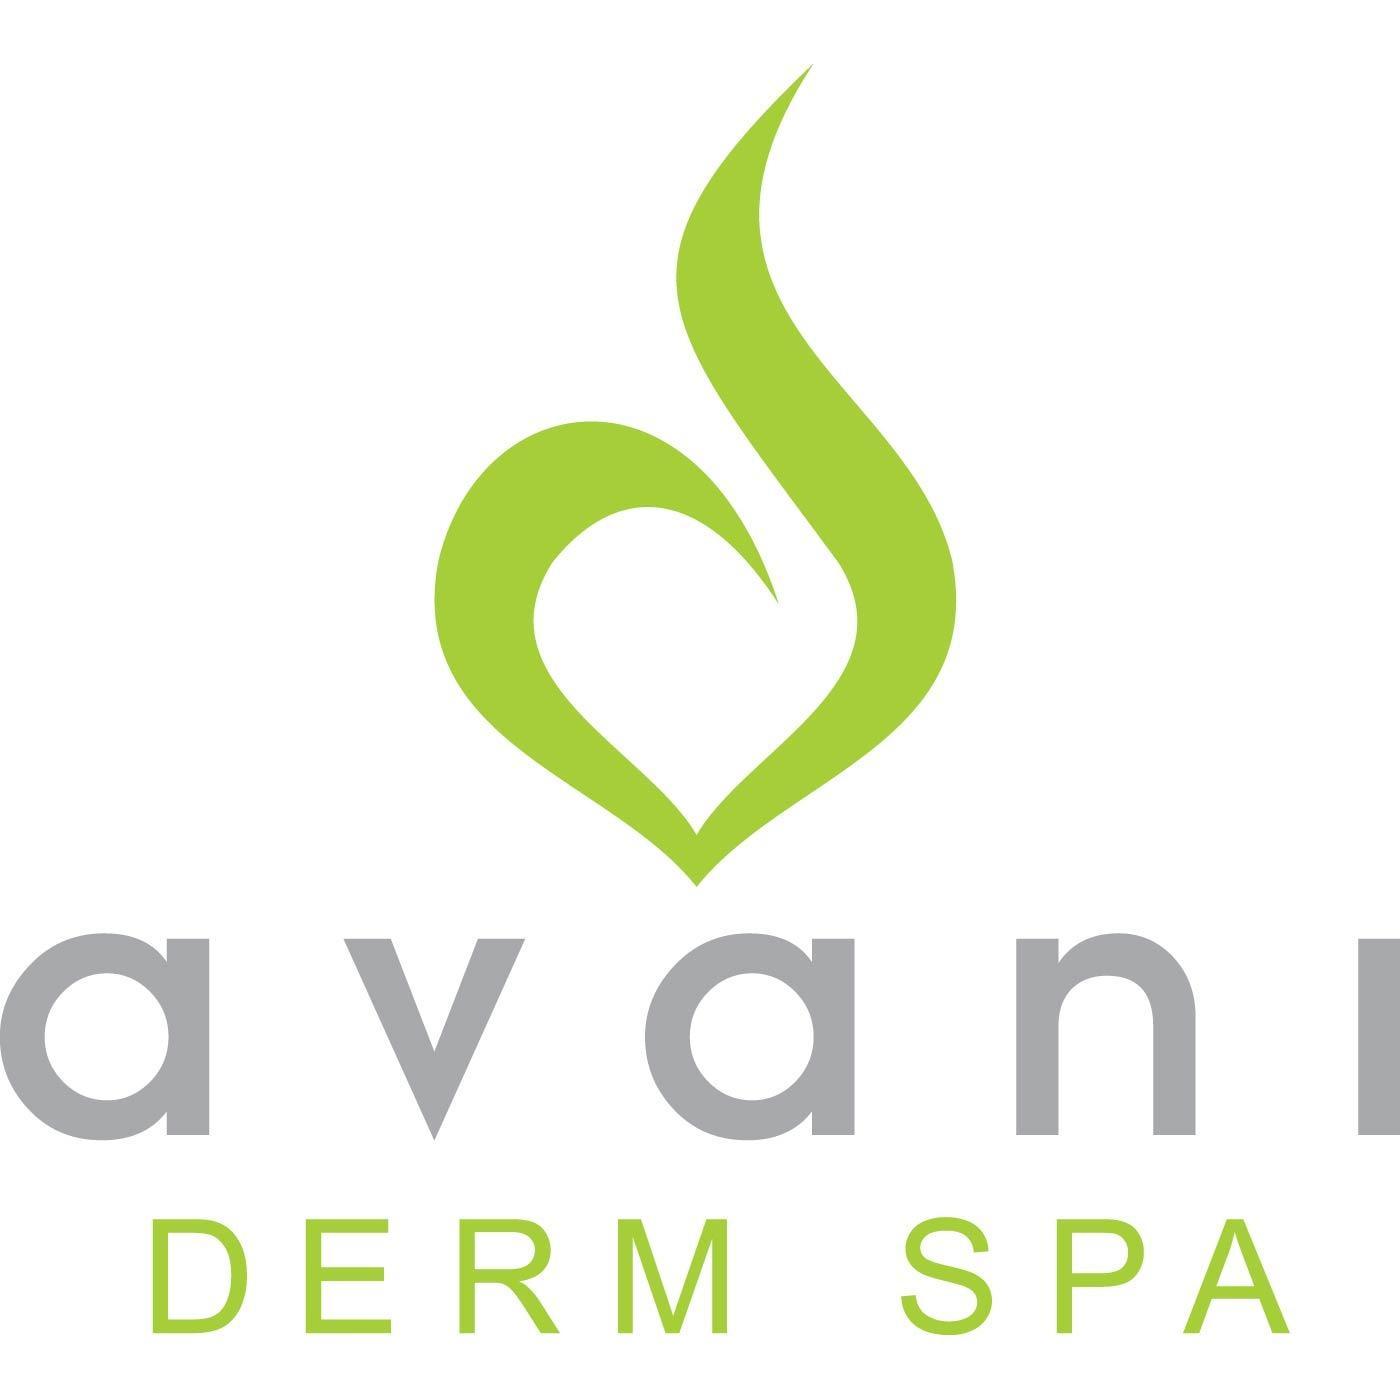 Avani Derm Spa